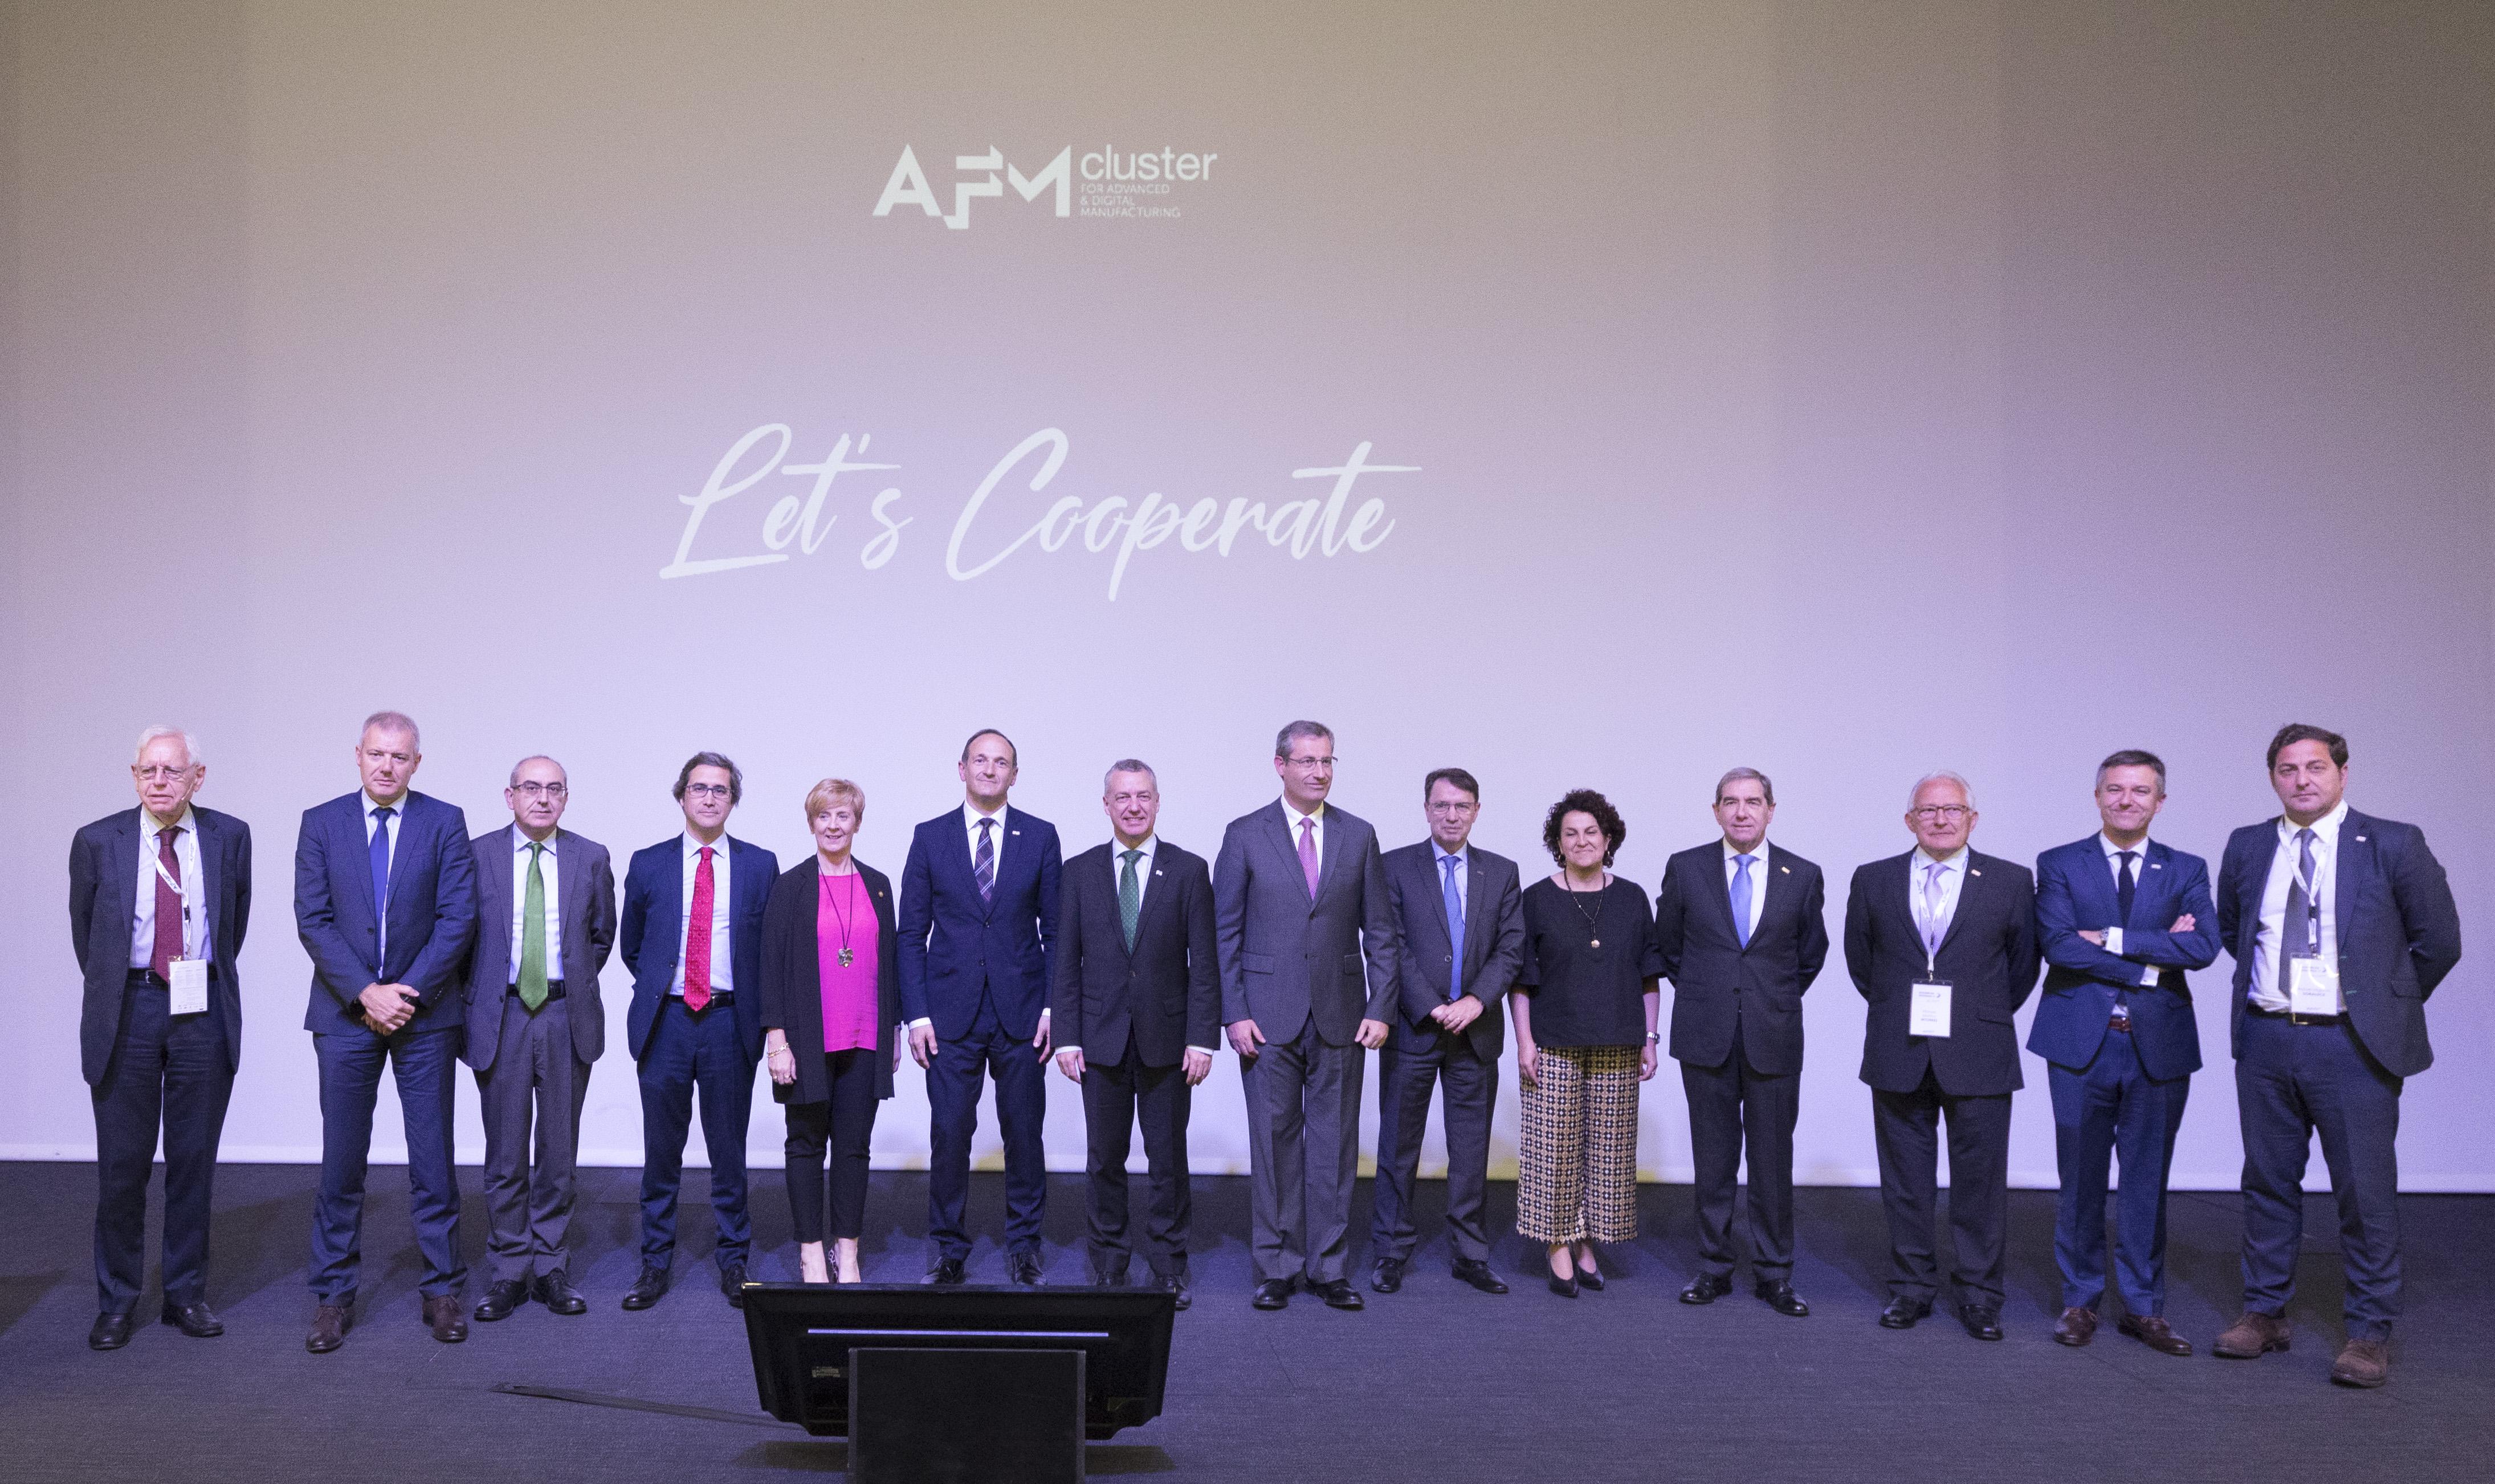 El lehendakari preside la ASAMBLEA GENERAL DE AFM CLUSTER